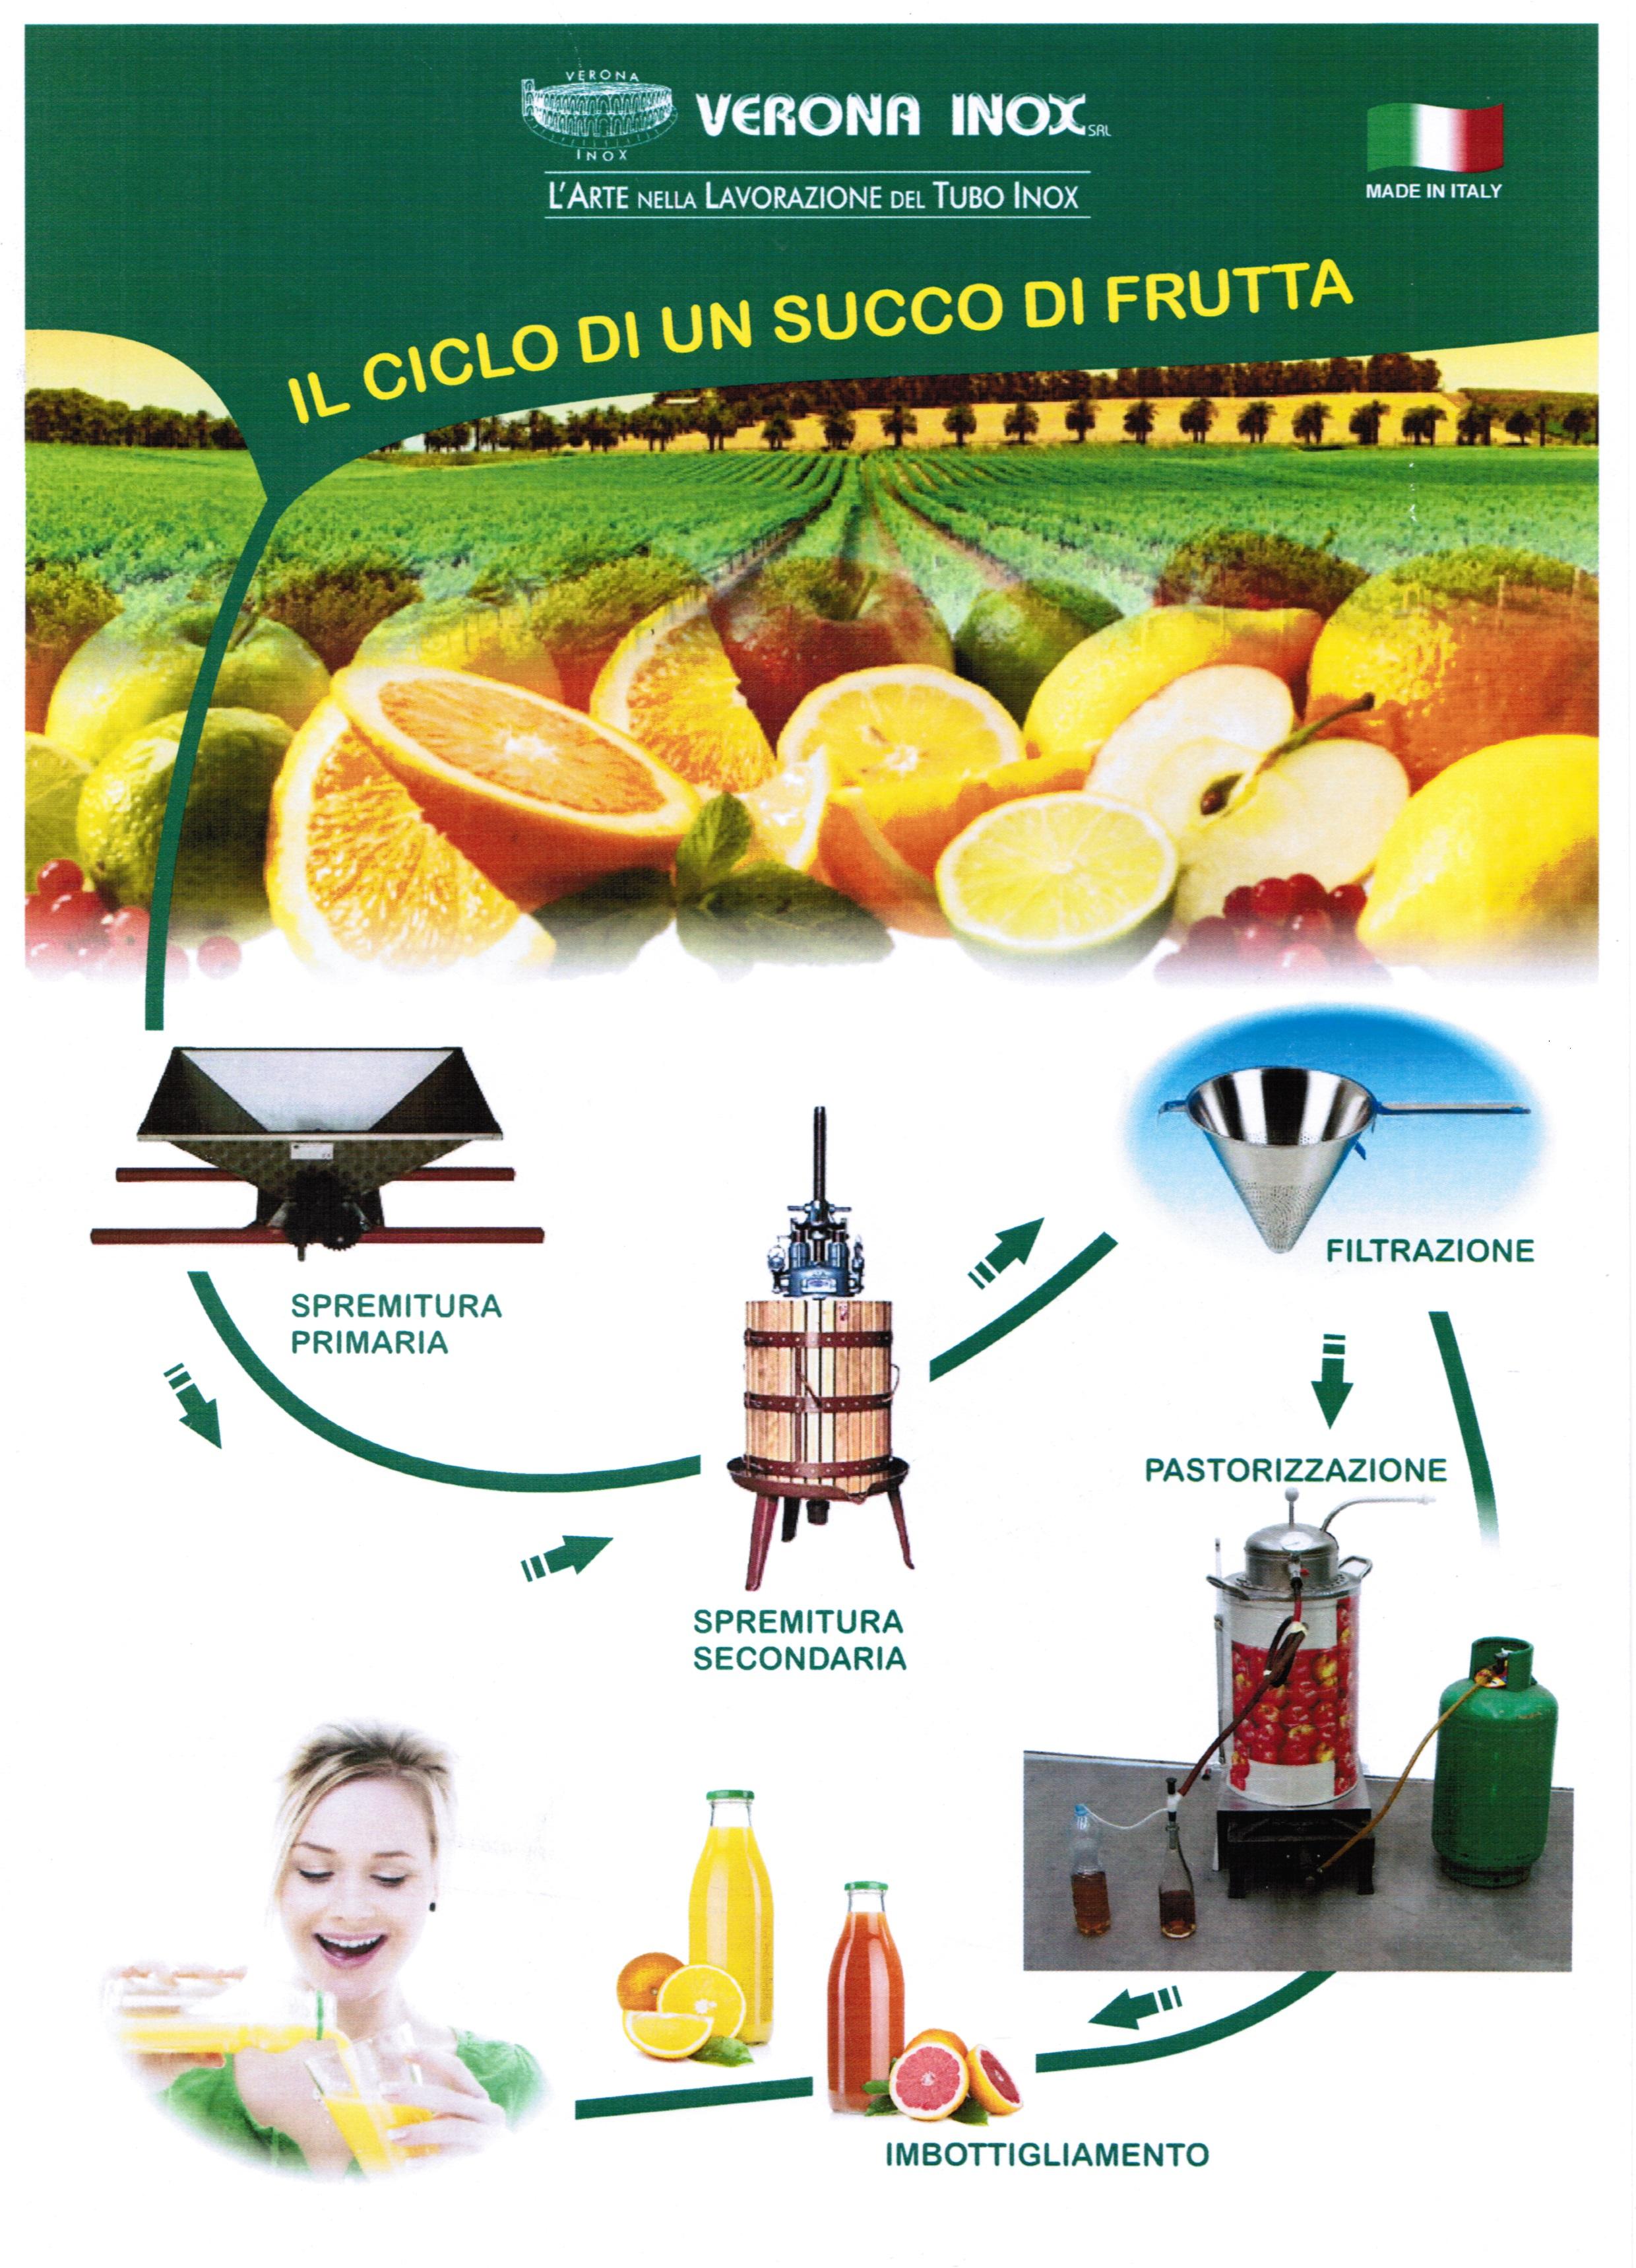 Ciclo succo di frutta